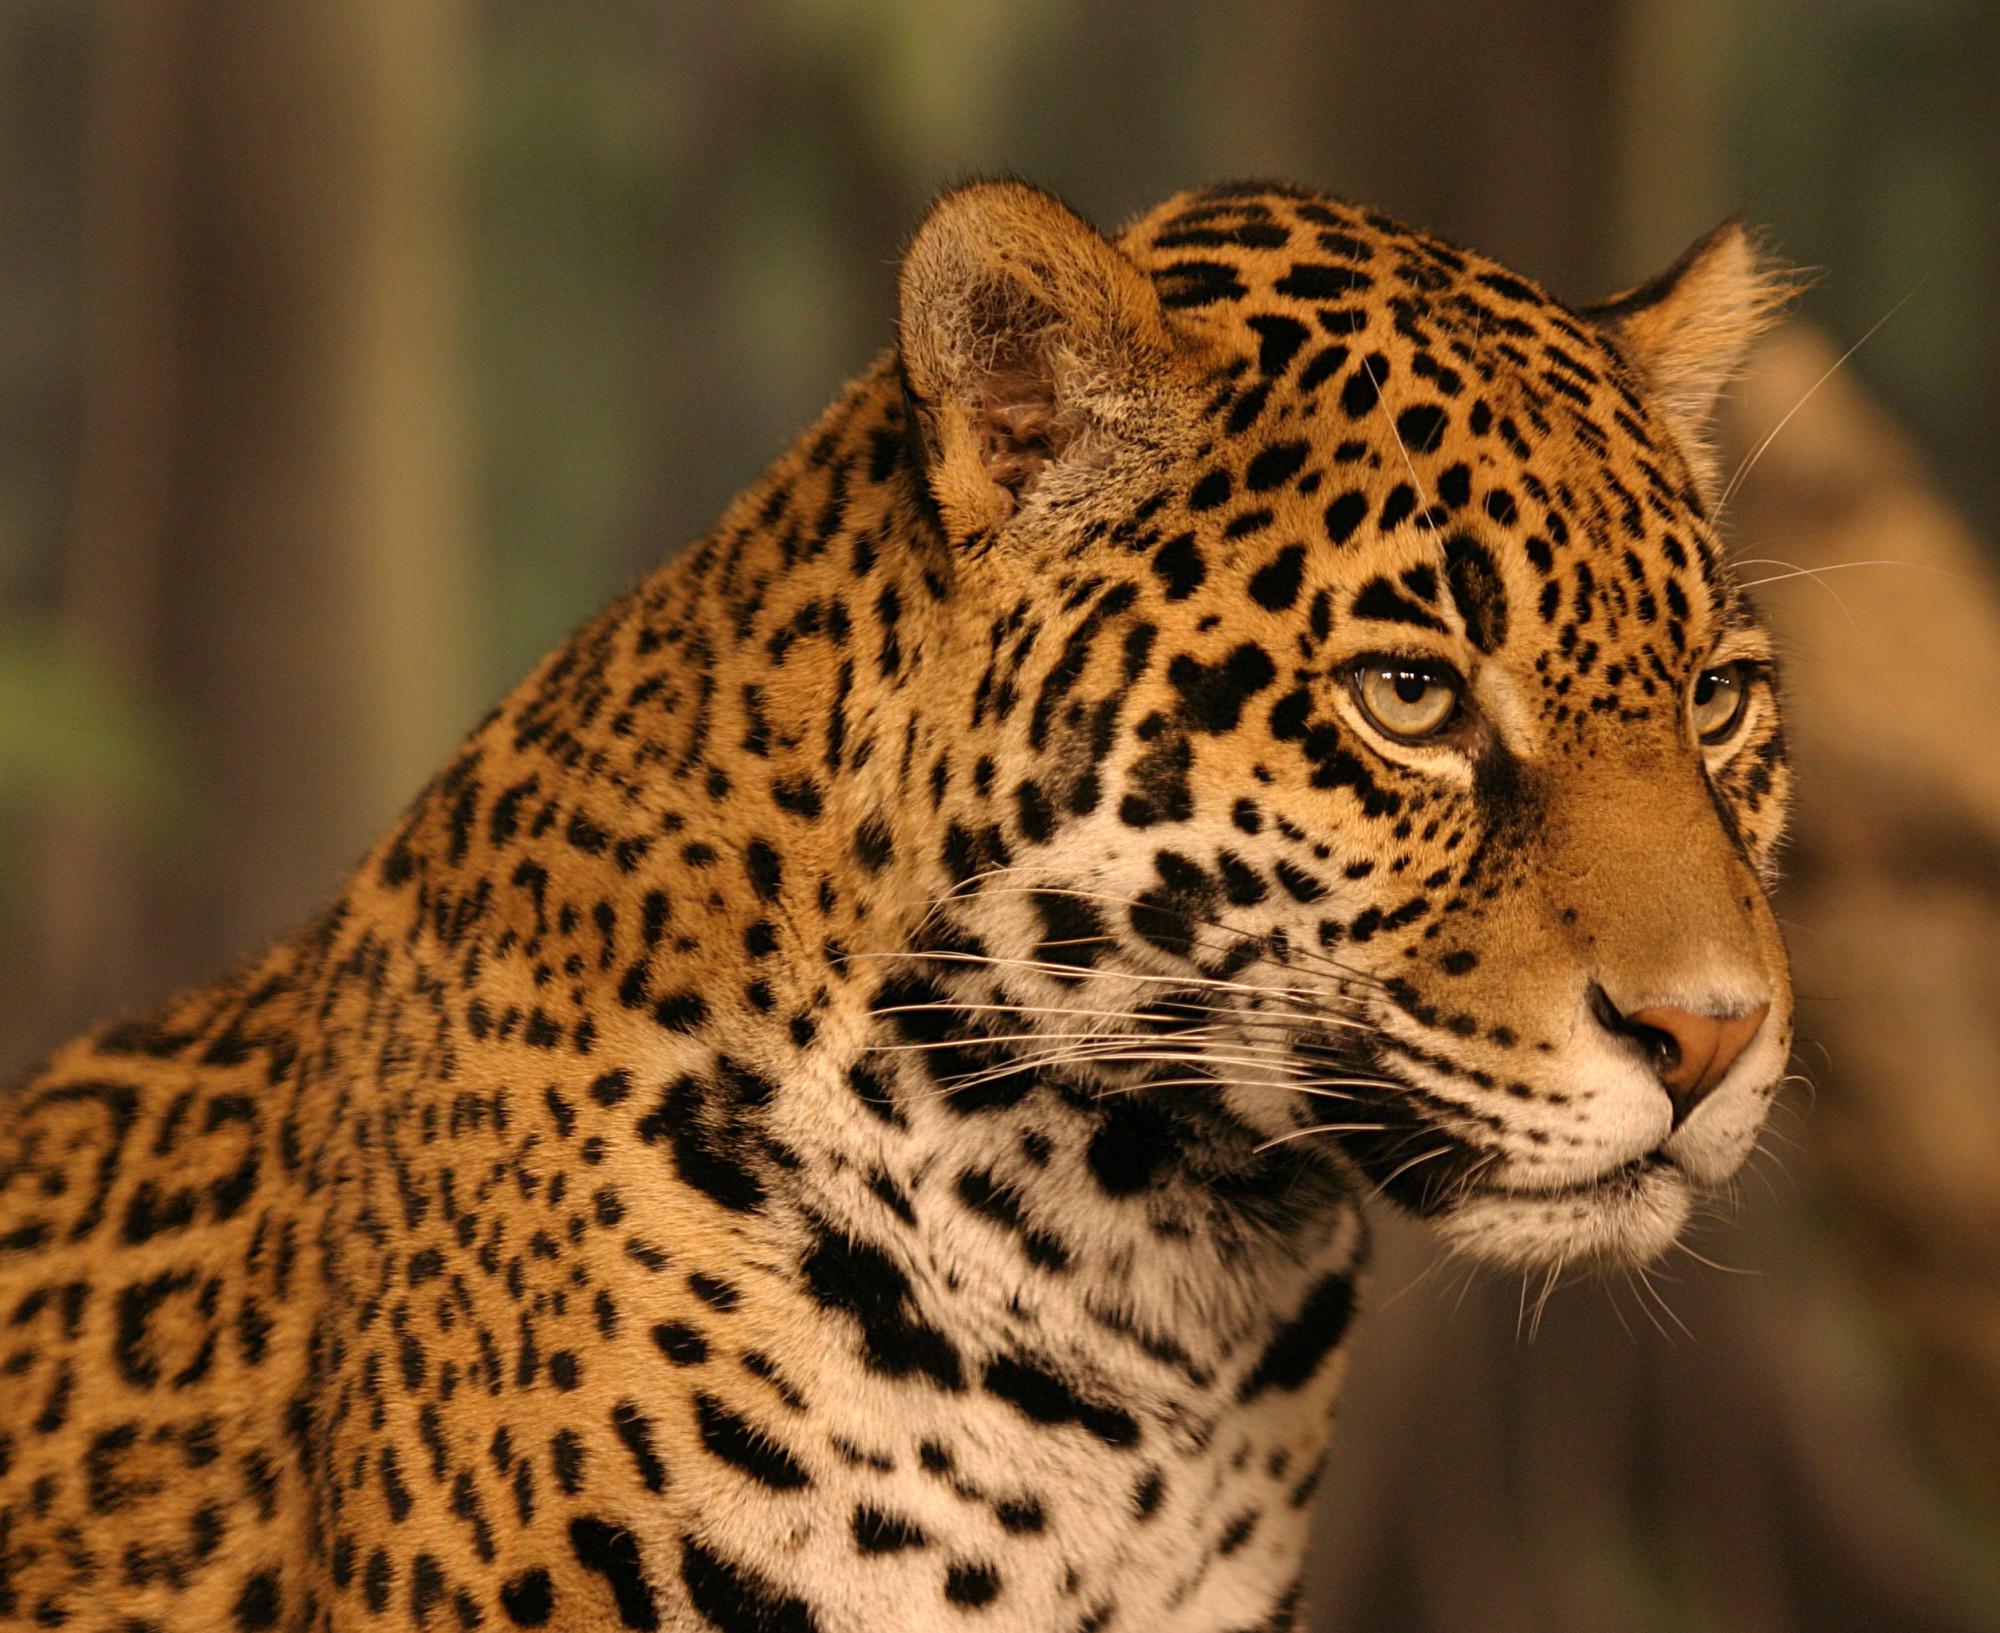 Hd wallpaper jaguar - Jaguar Animal Hd Wallpapers 5692 Wallpaper Wallpaperstube Com